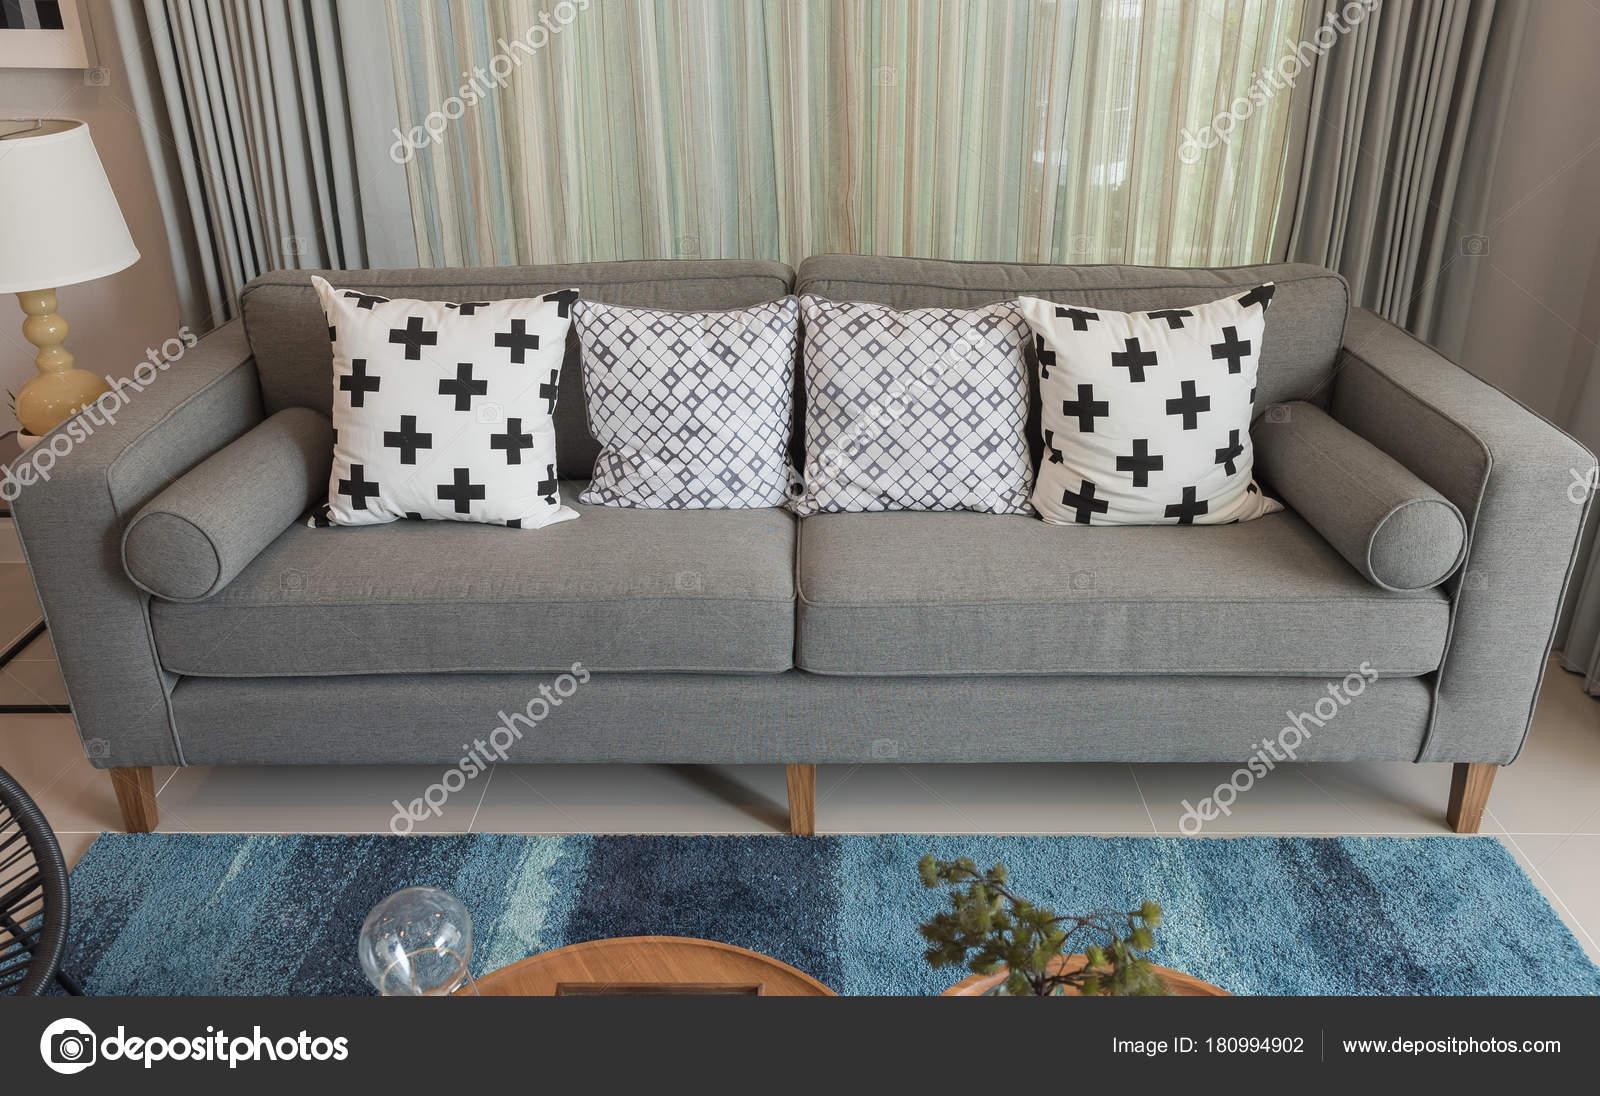 Modernes Grau Sofa Modernen Wohnzimmer Stil Mit Set Kissen  Einrichtungskonzept U2014 Stockfoto